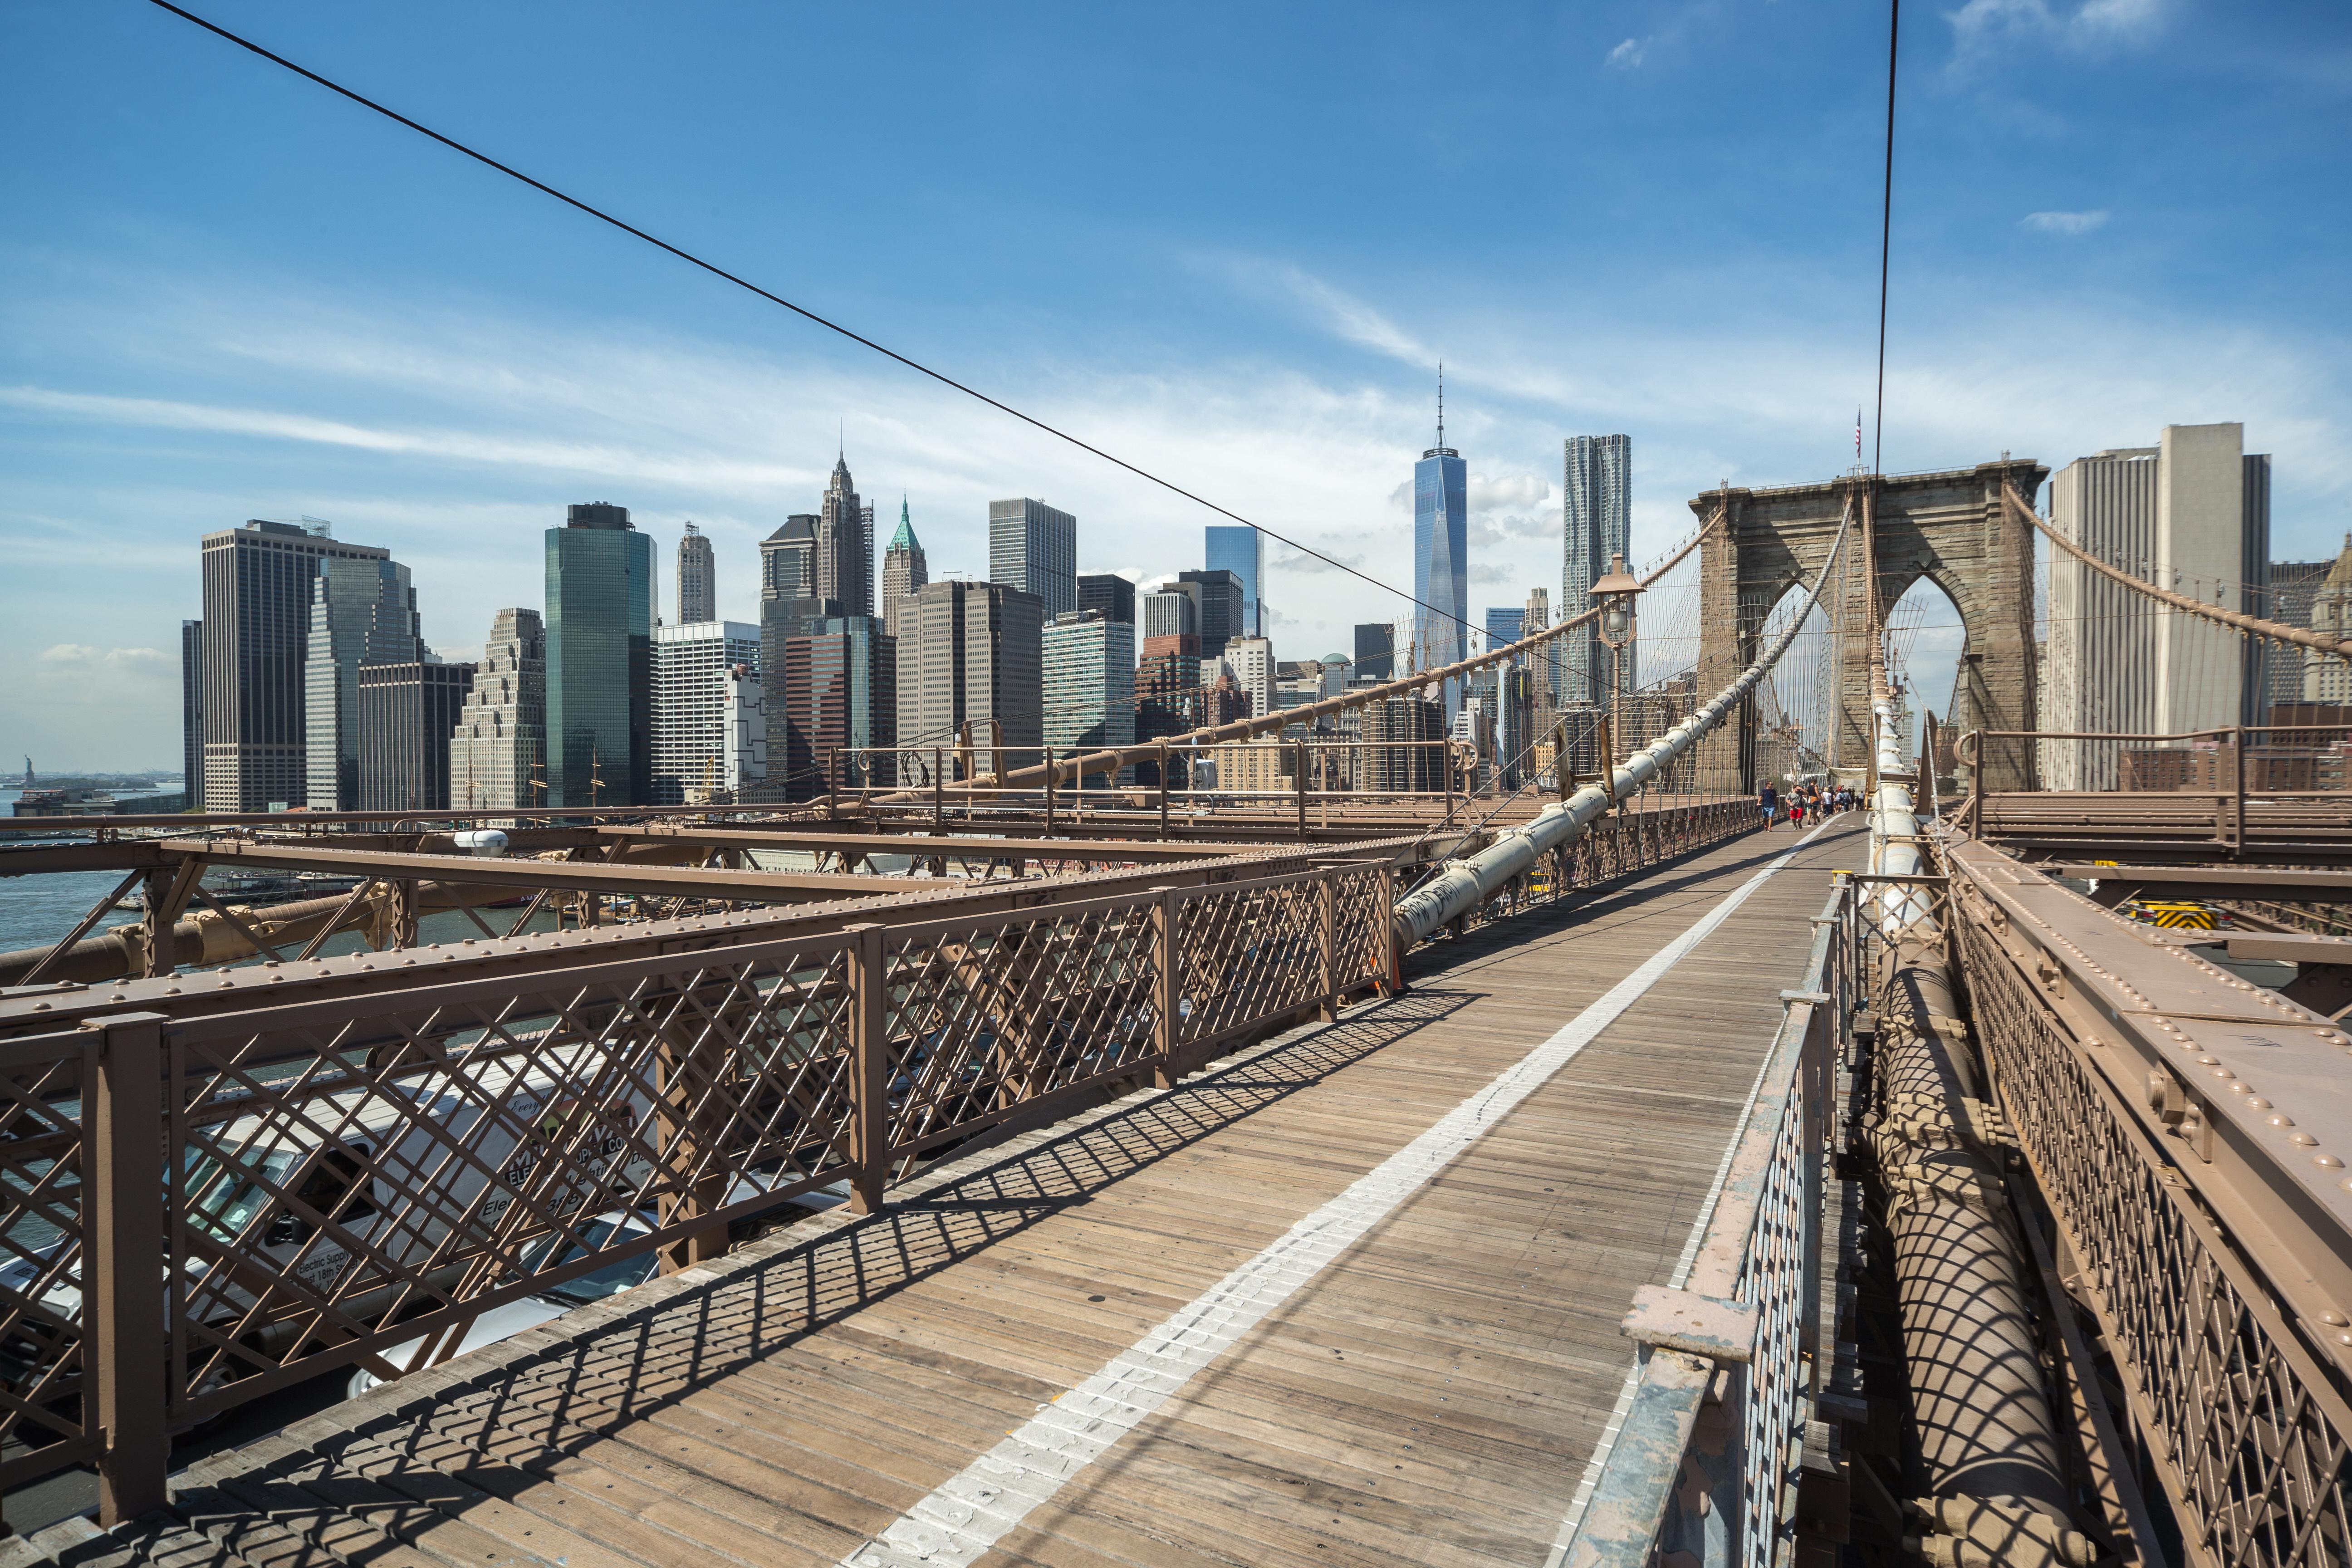 Fotos del puente de brooklyn 54